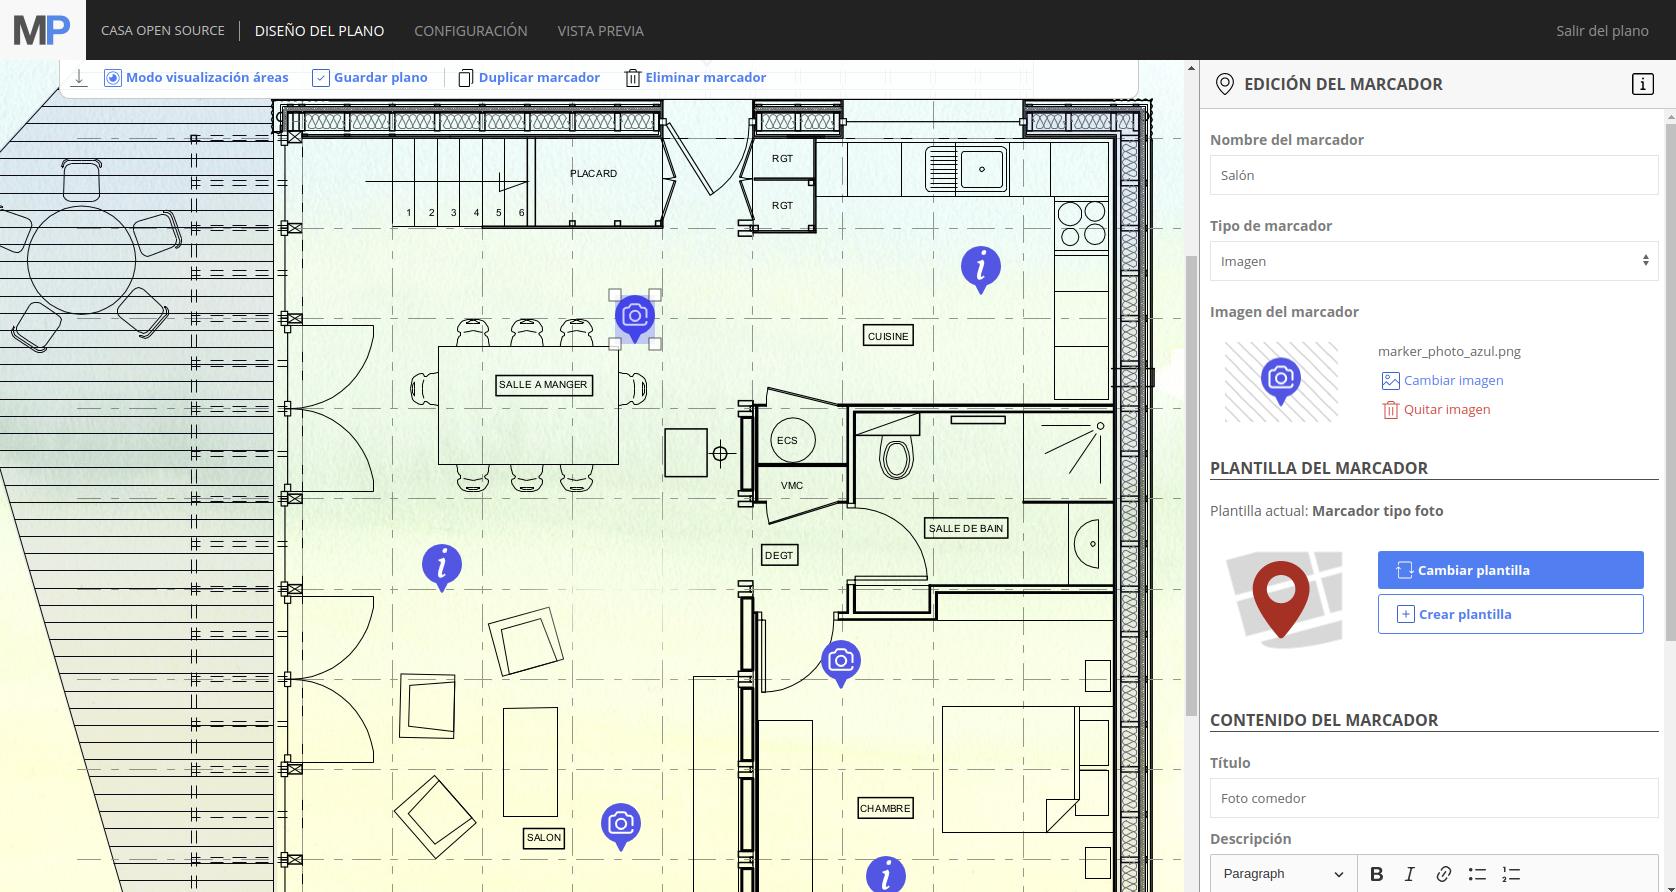 Interficie para hacer el plano interactivo de una casa